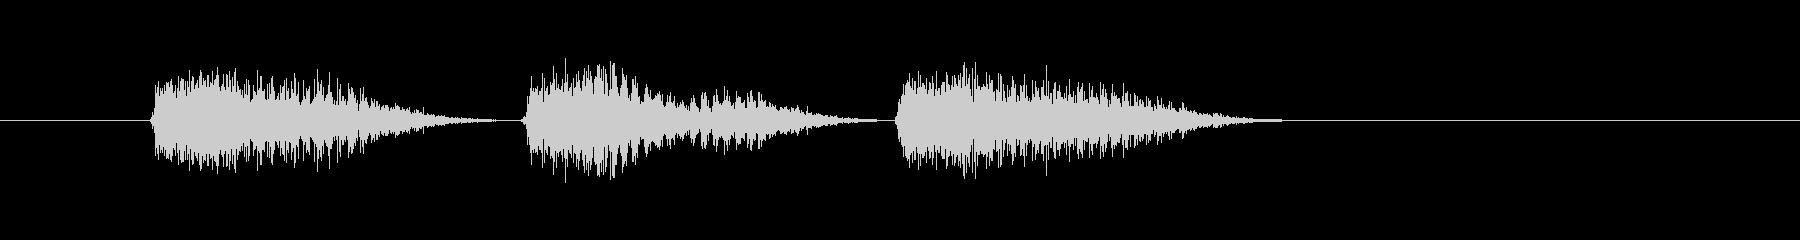 ロボットボイス「SNS」の未再生の波形